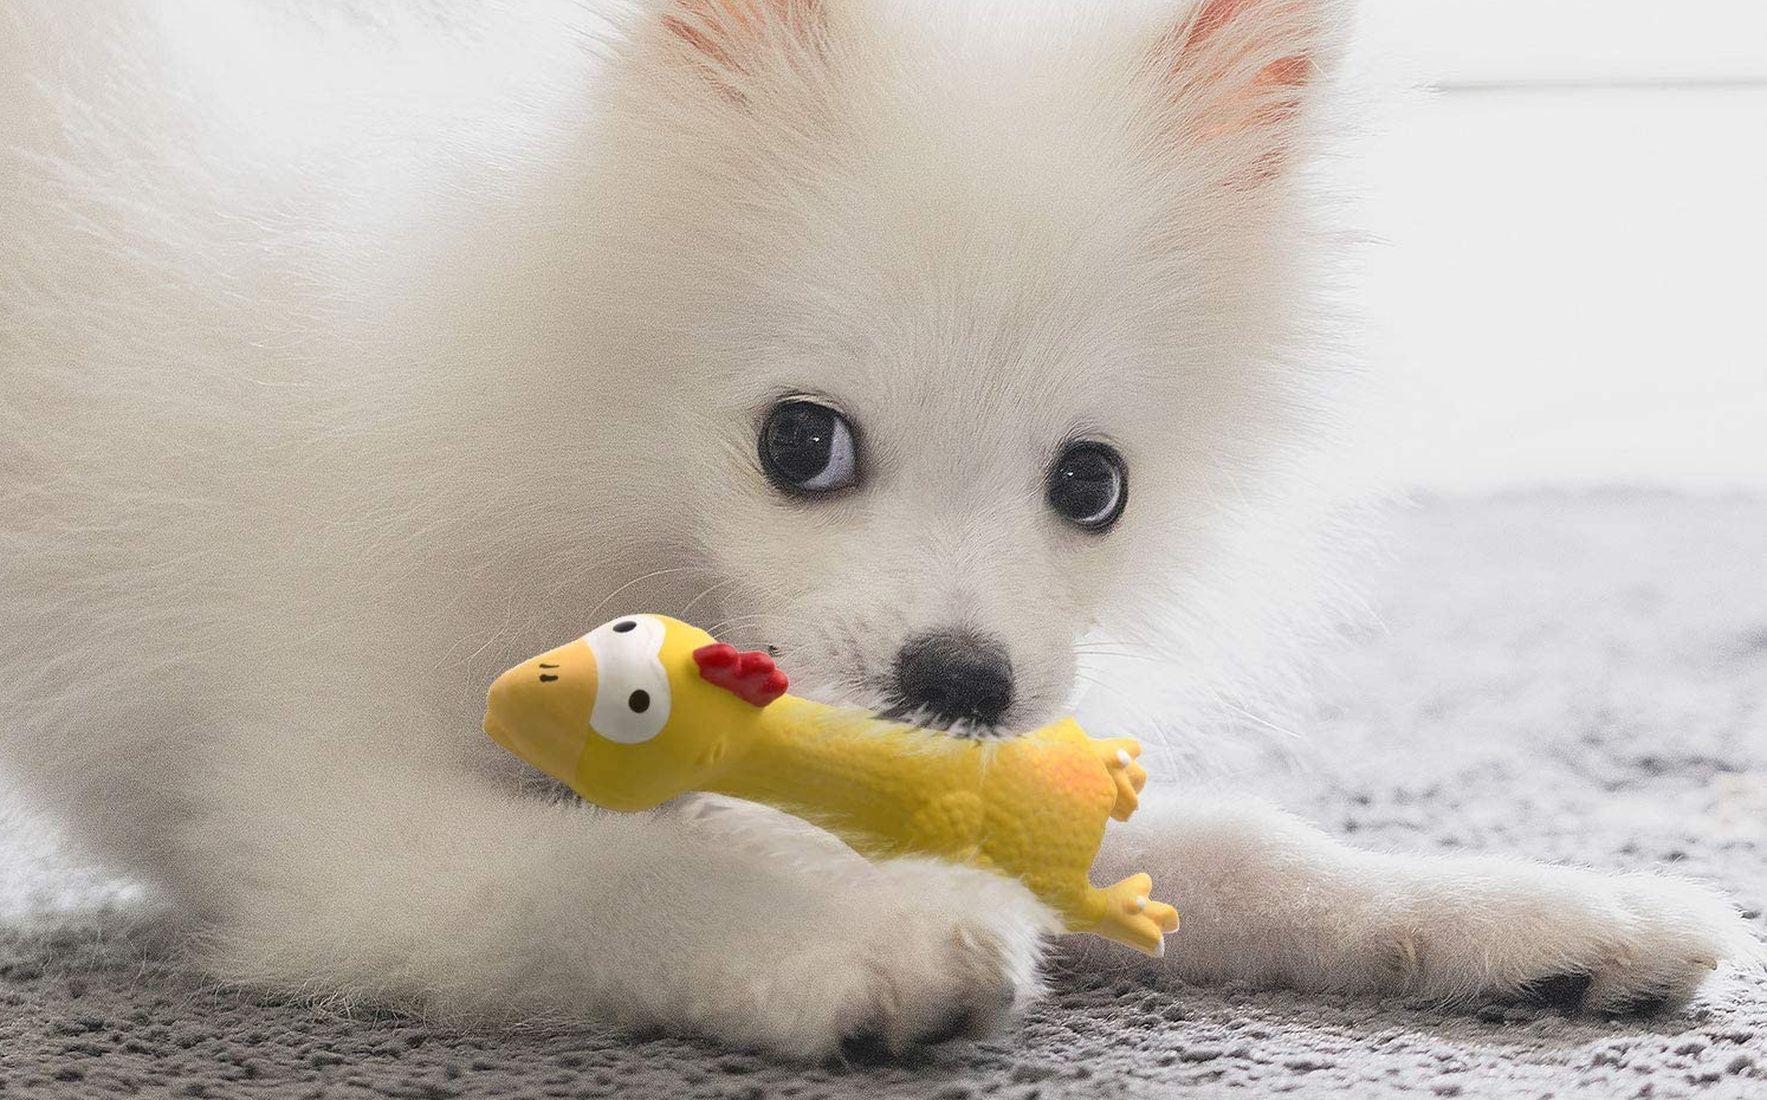 ¿Por qué a los perros les gustan los juguetes con sonido? 1